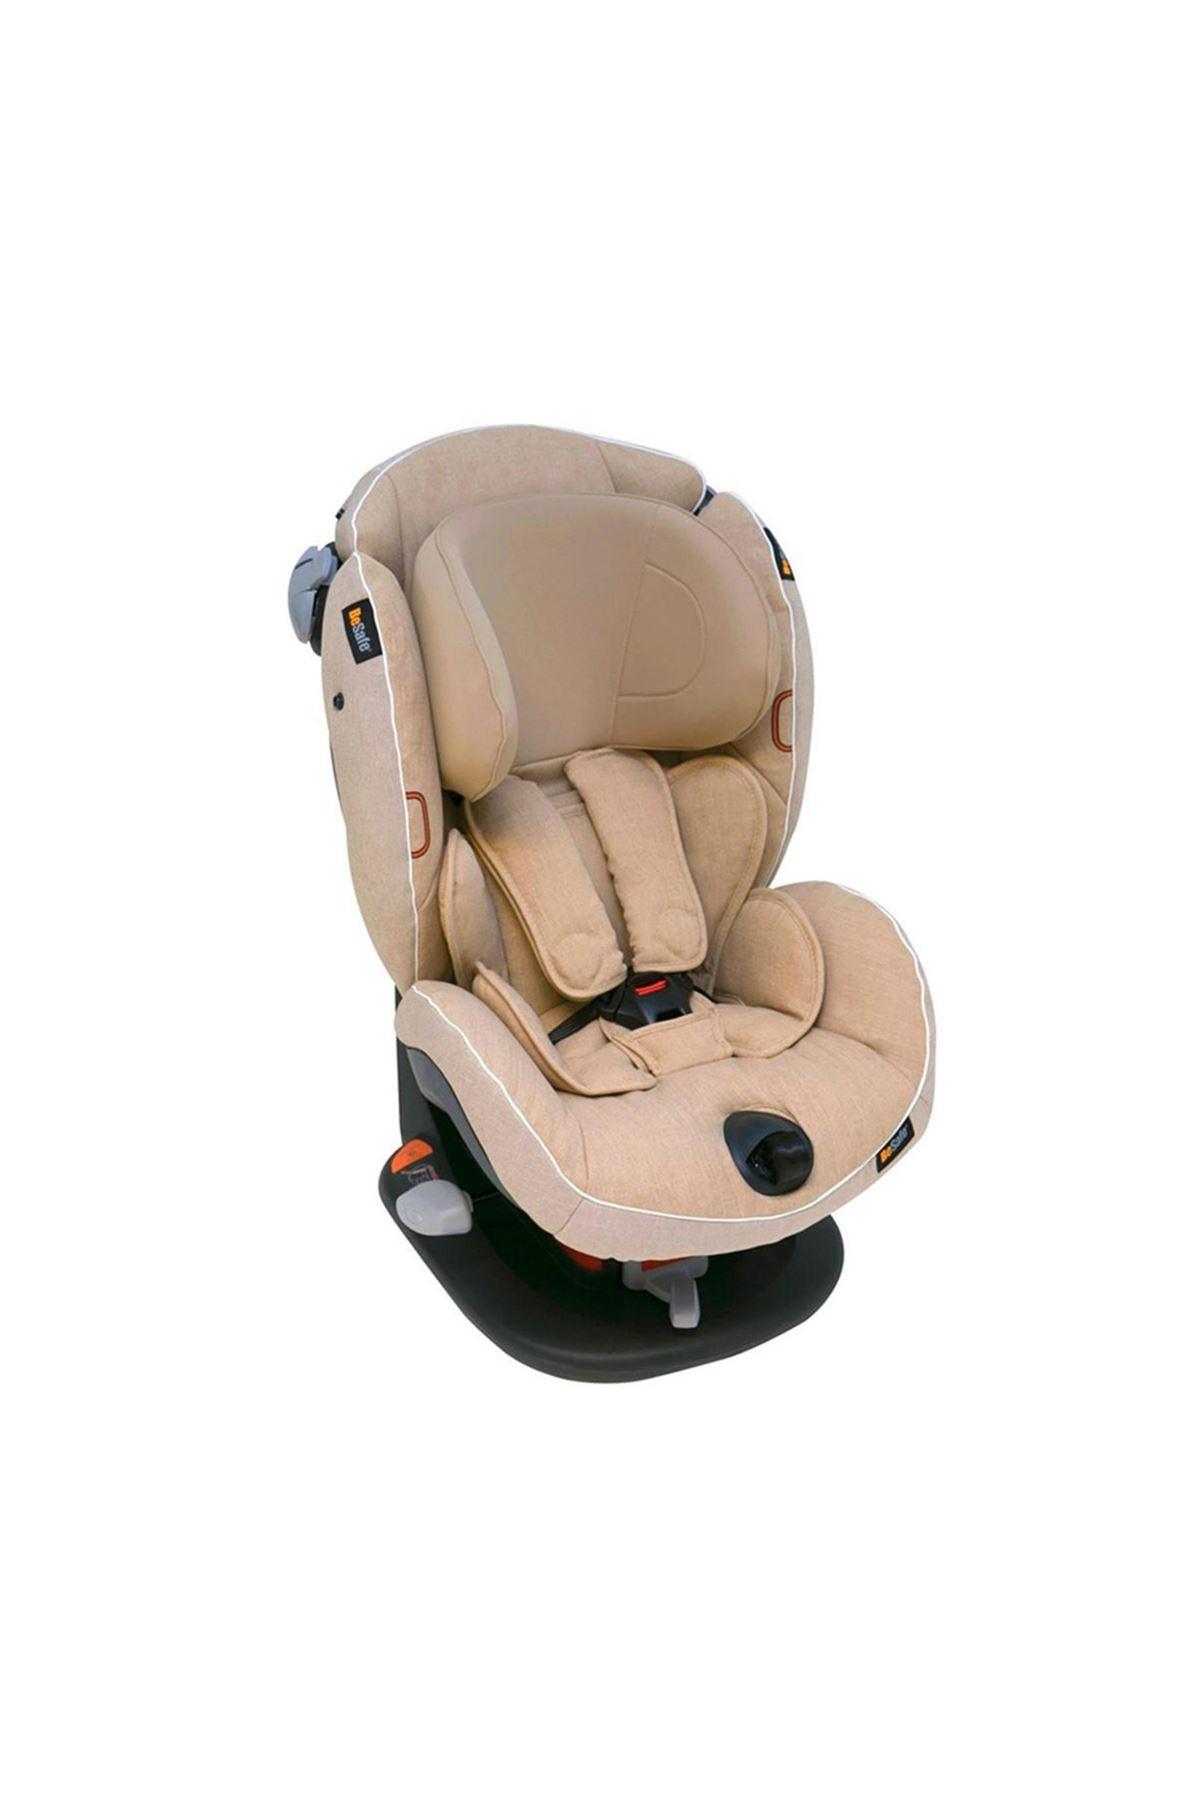 BeSafe İzi Comfort X3 9-18 Kg Oto Koltuğu Ivory Melange